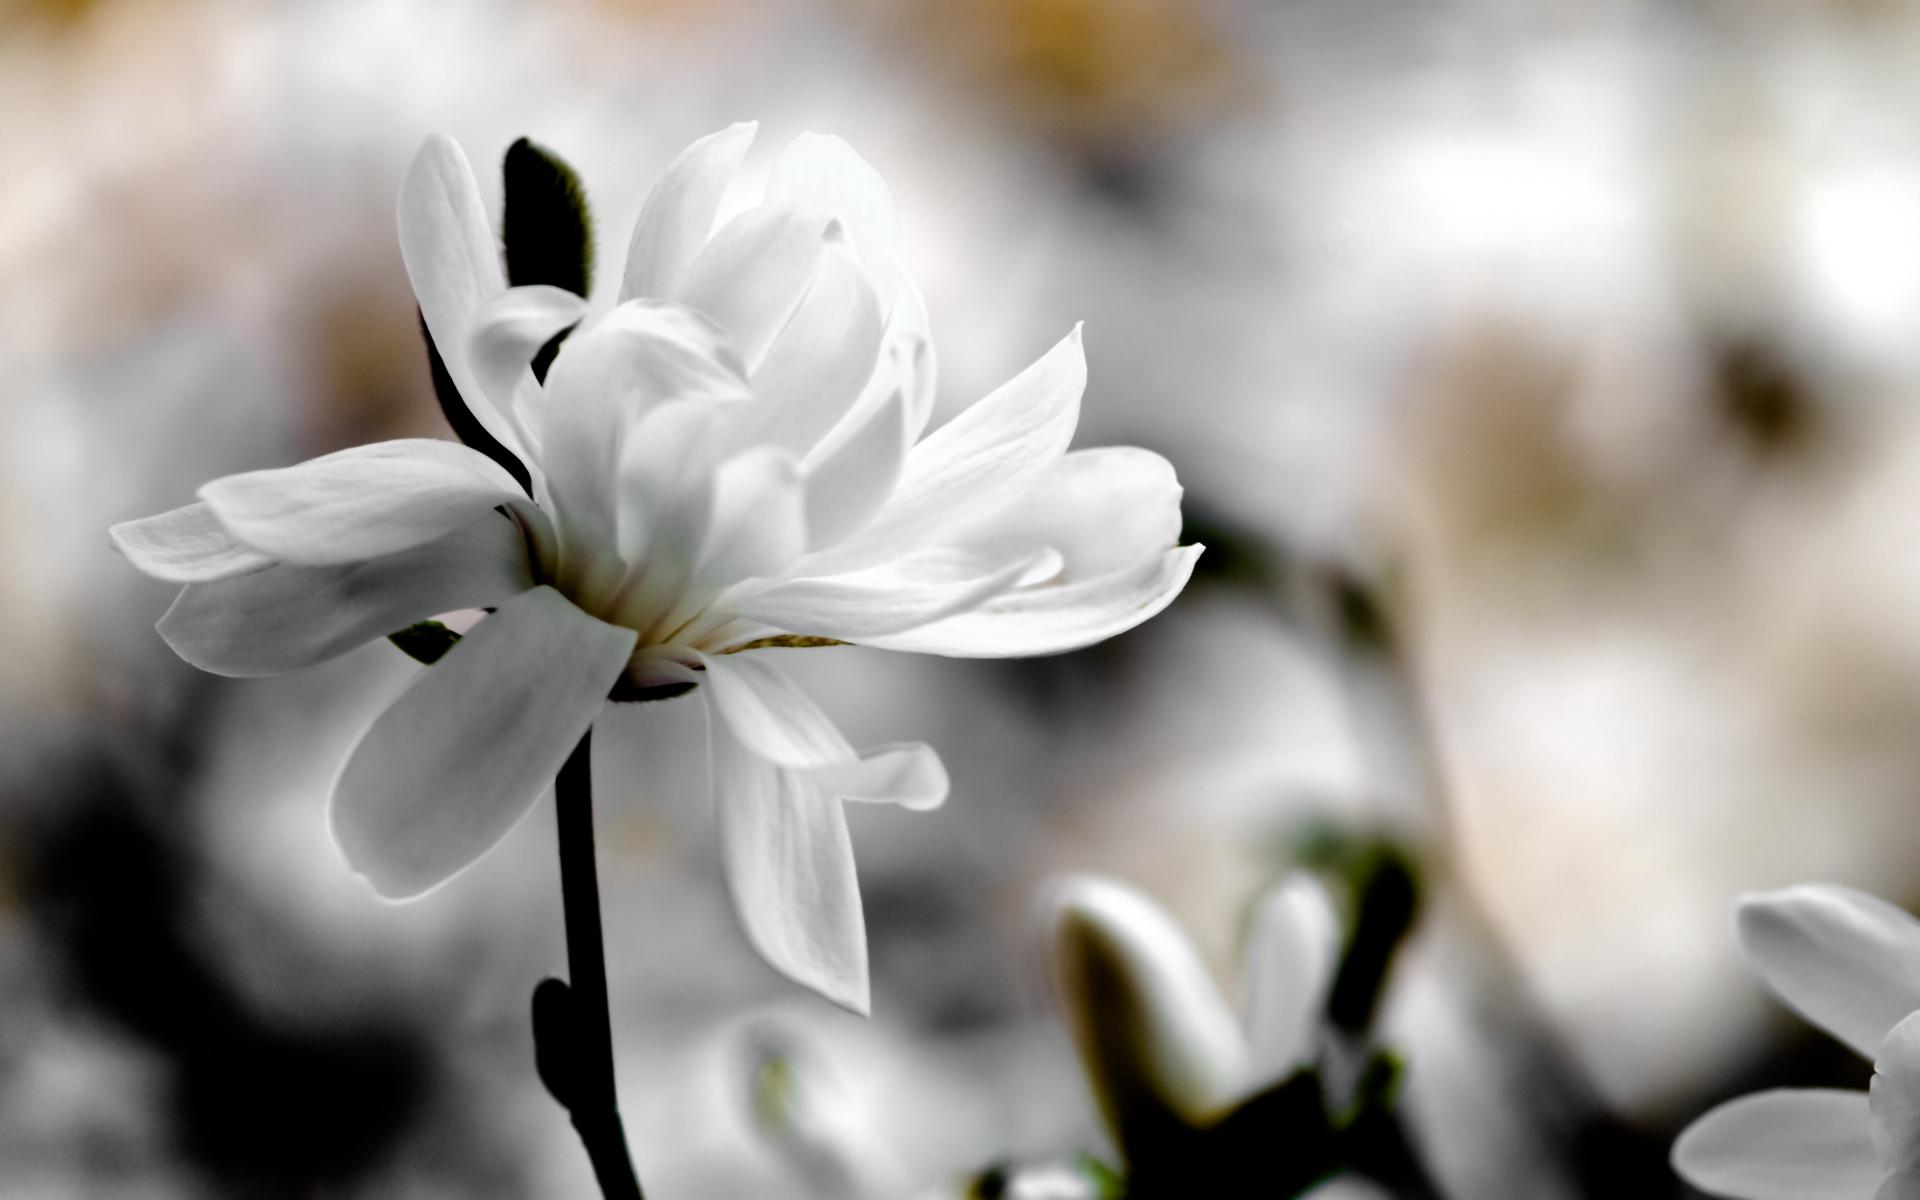 картинки с разрешением белые цветы юмор, что подтверждает